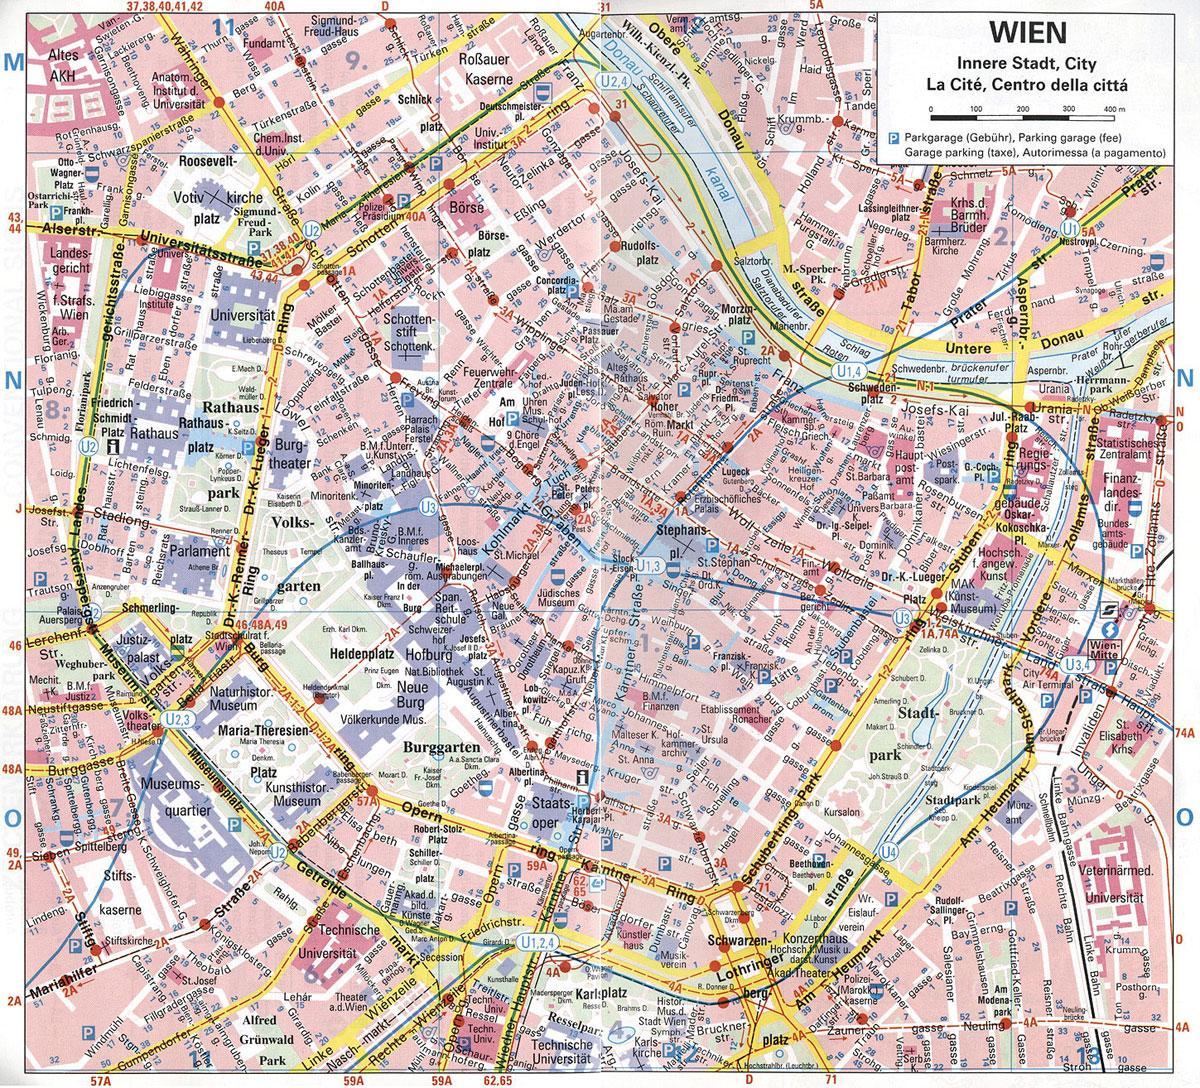 bécs térkép Online térképek: Bécs térkép bécs térkép